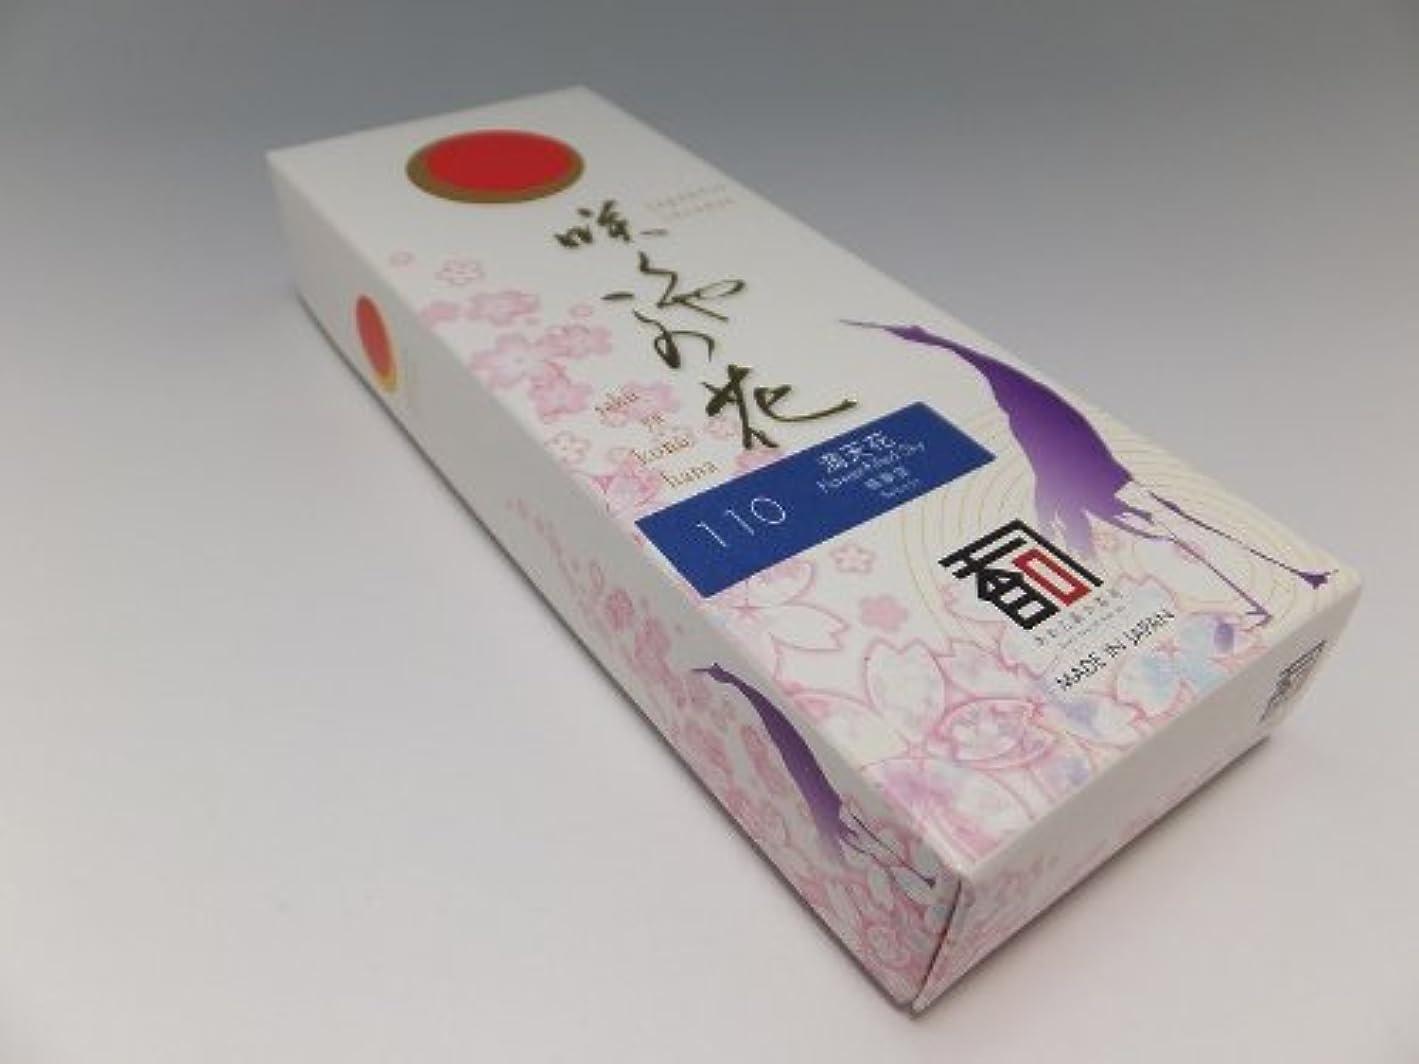 ヘクタール重荷謝罪する「あわじ島の香司」 日本の香りシリーズ  [咲くや この花] 【110】 満天花 (煙少)